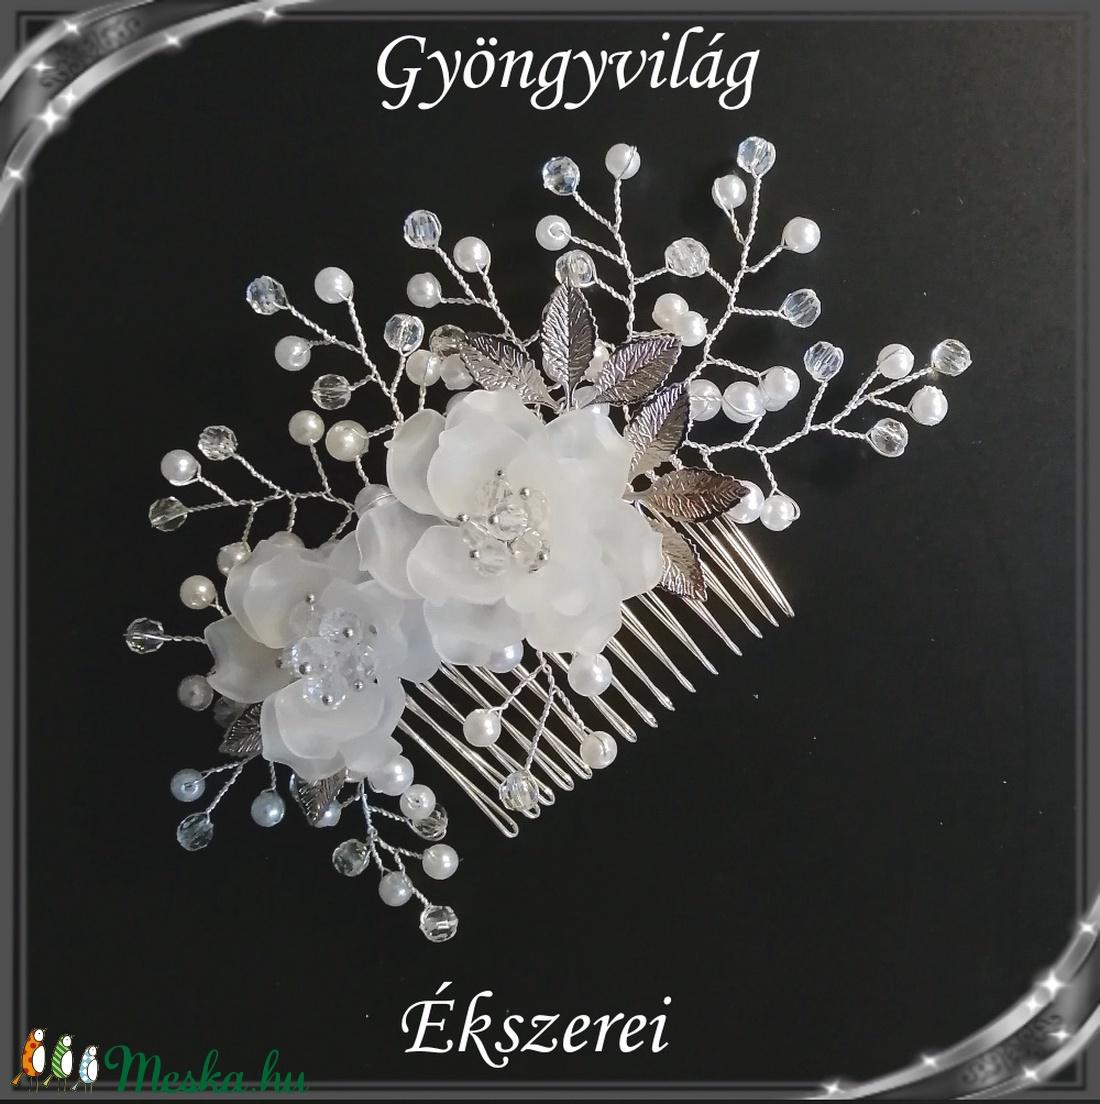 Ékszerek-hajdíszek, hajcsatok: Esküvői, menyasszonyi, alkalmi hajdísz S-H-FÉ15e - esküvő - hajdísz - fésűs hajdísz - Meska.hu